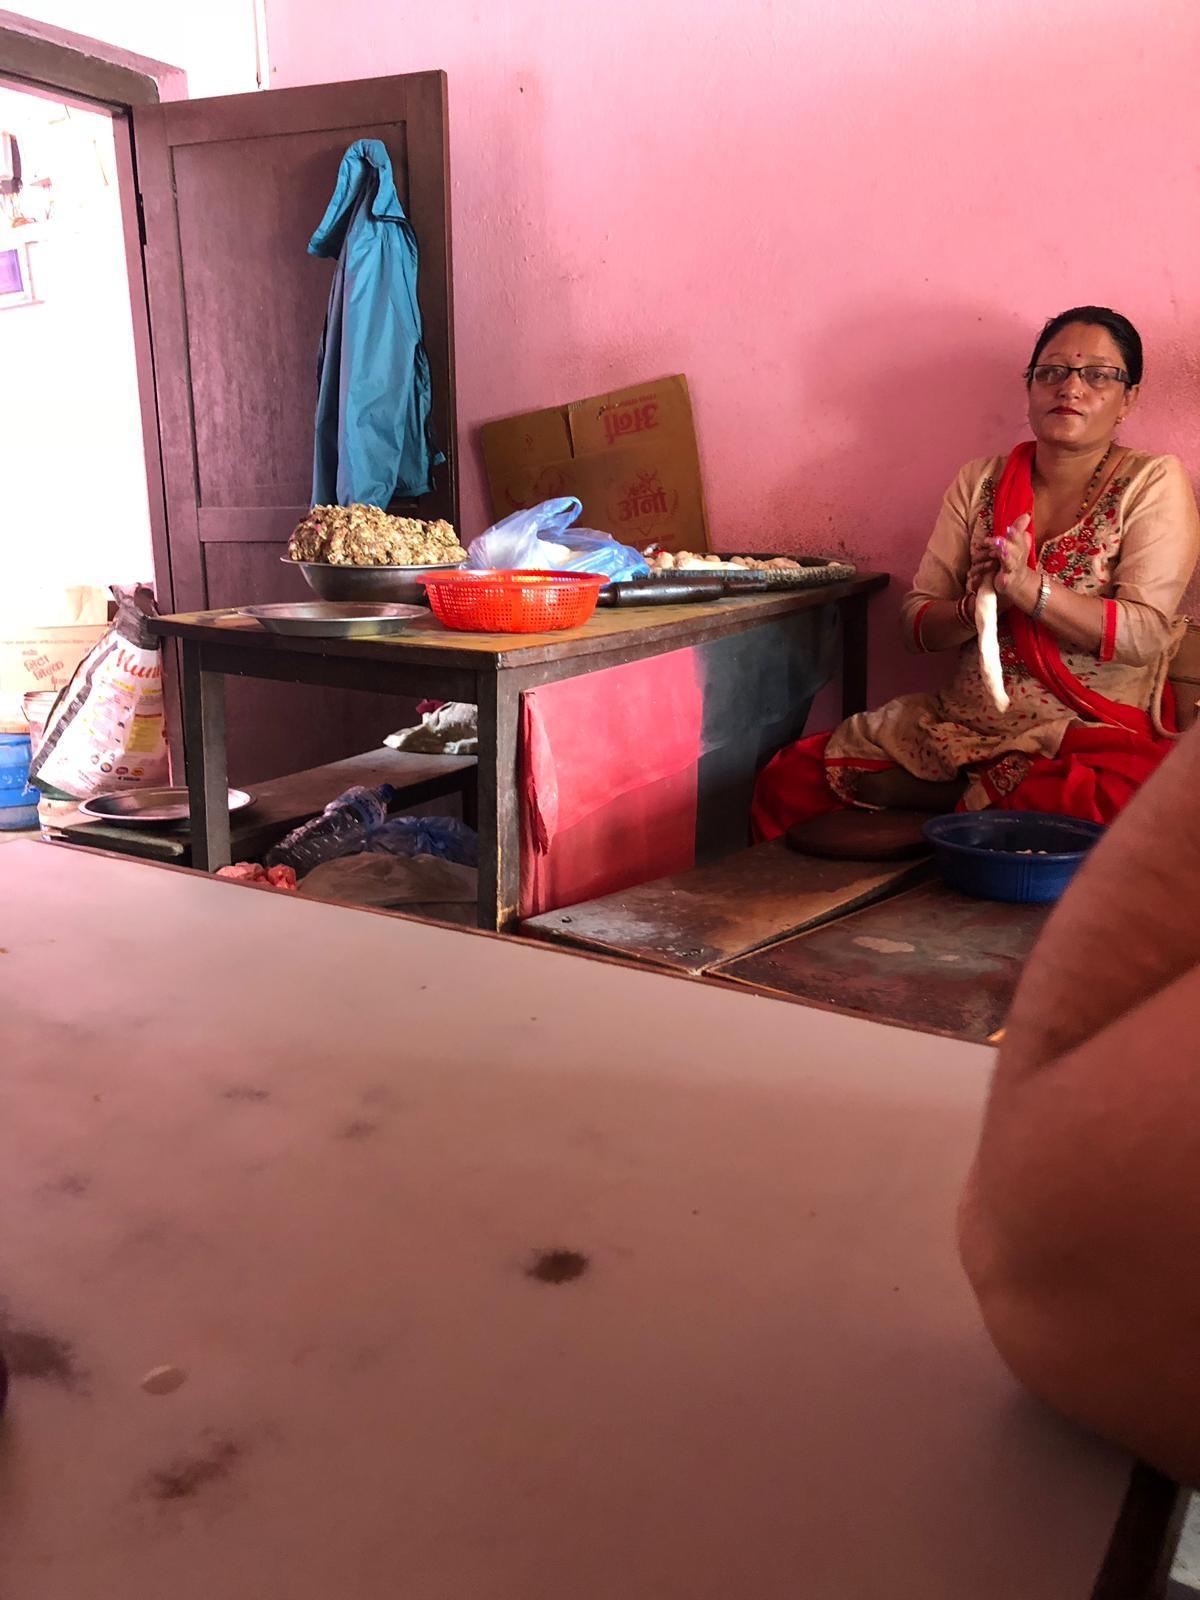 viaggio-in-nepal-3378d1ffce32ea37e556808